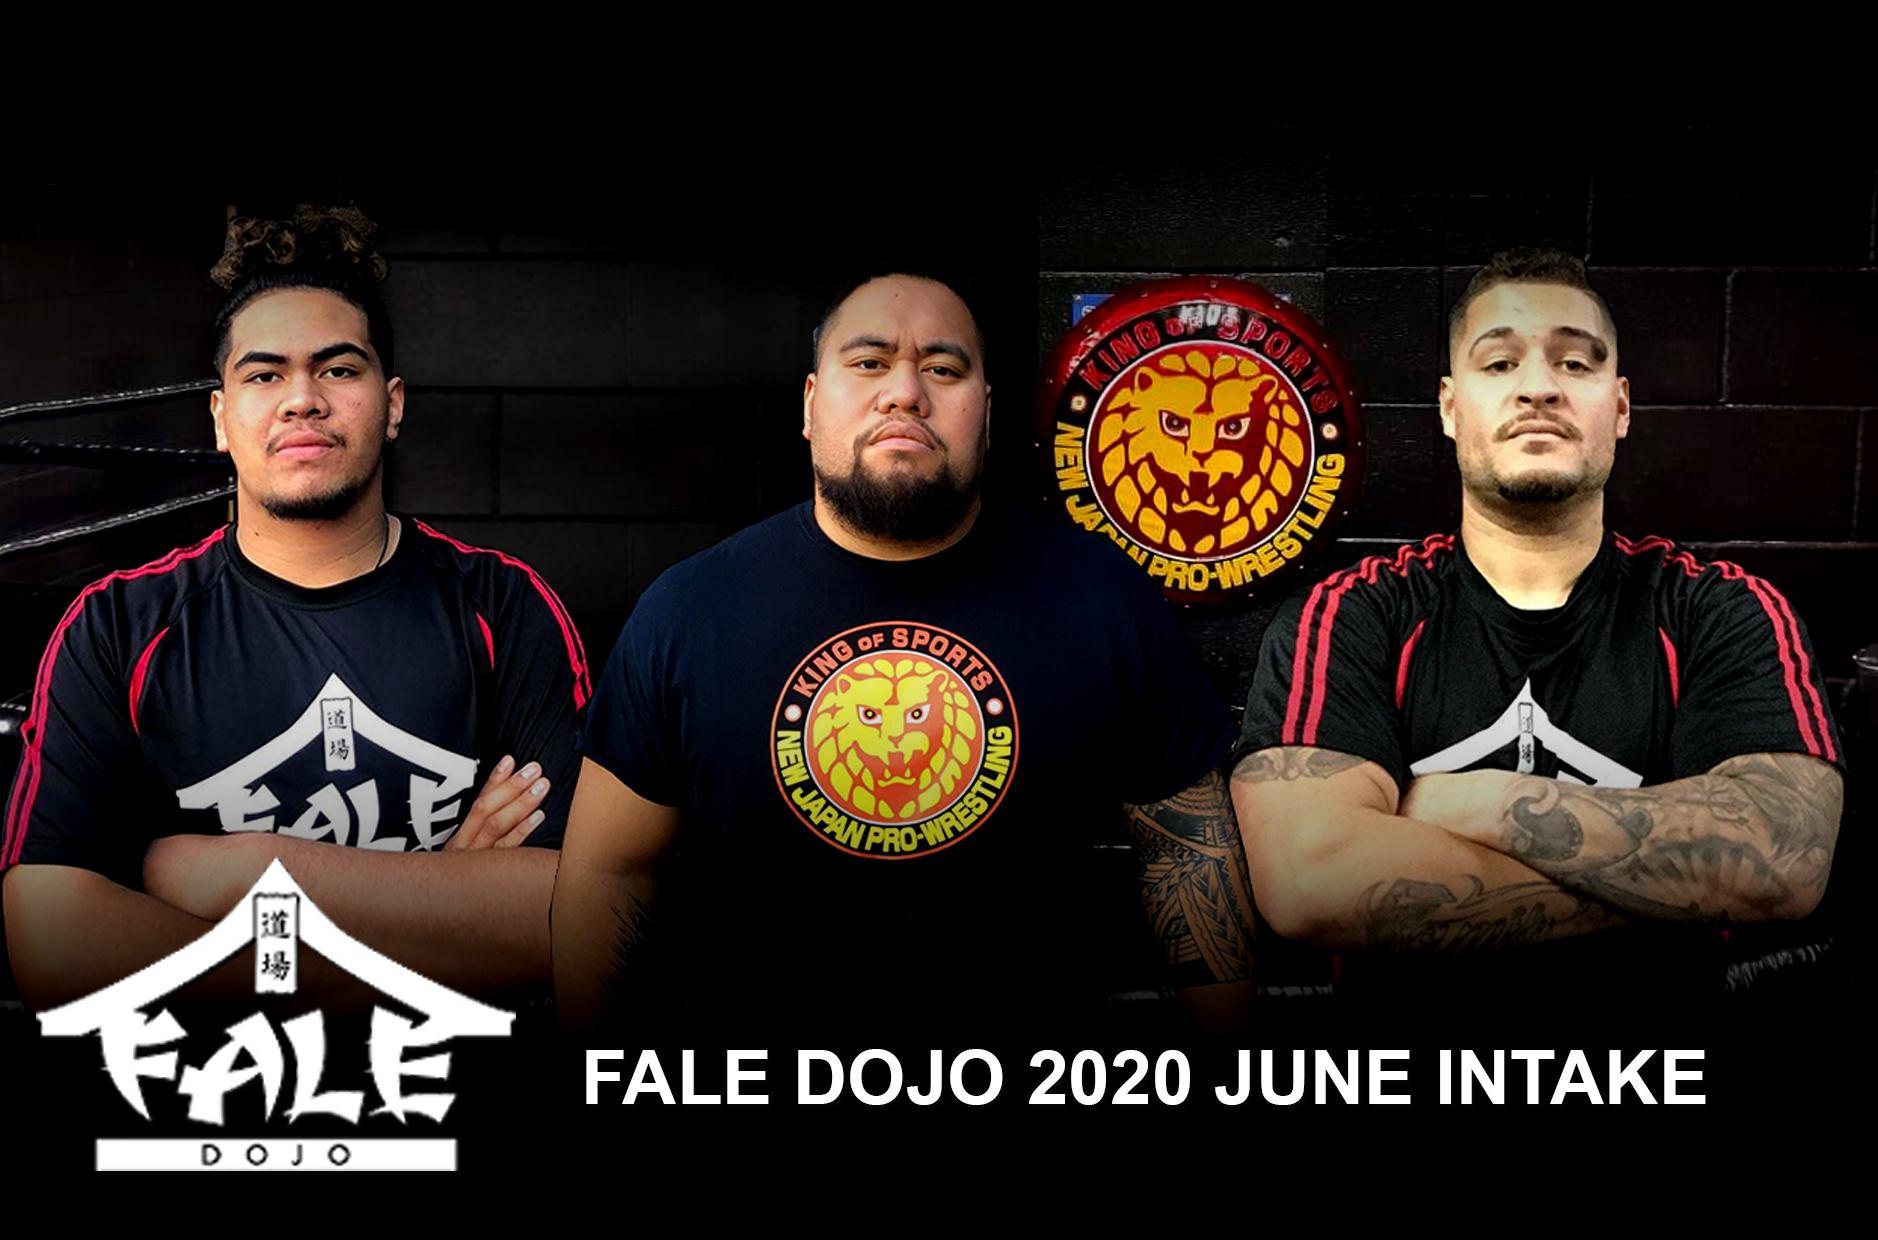 Fale Dojo 2020 June Intake